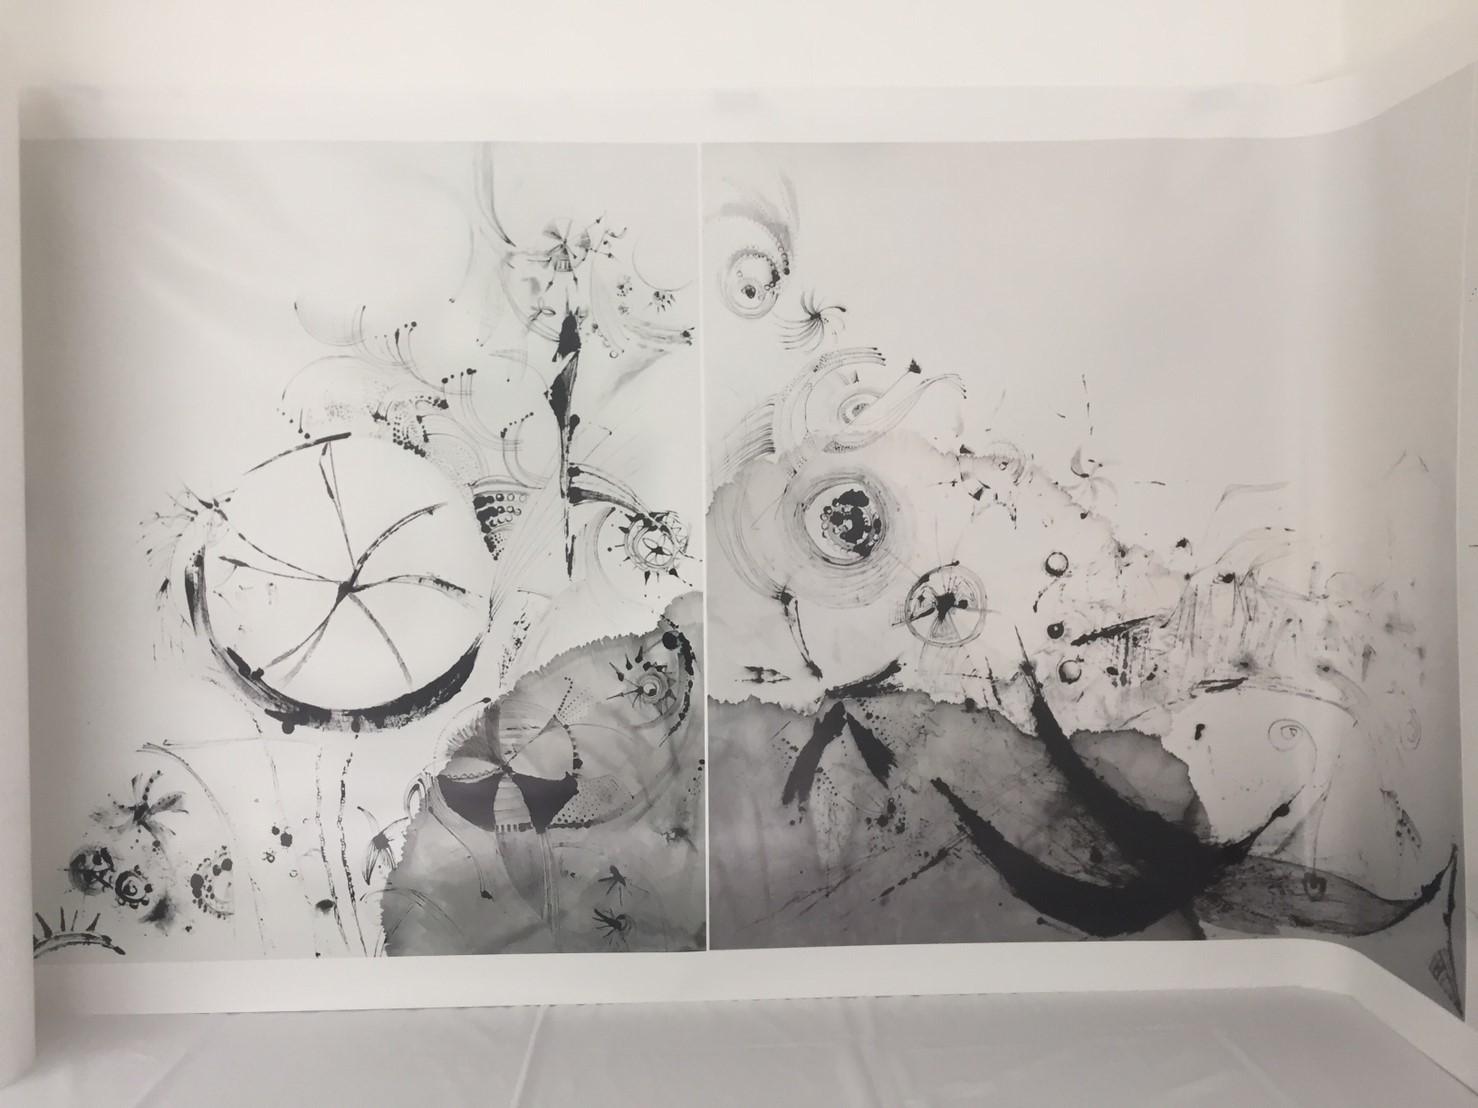 岩美現代美術展 2019_e0115904_01522530.jpg